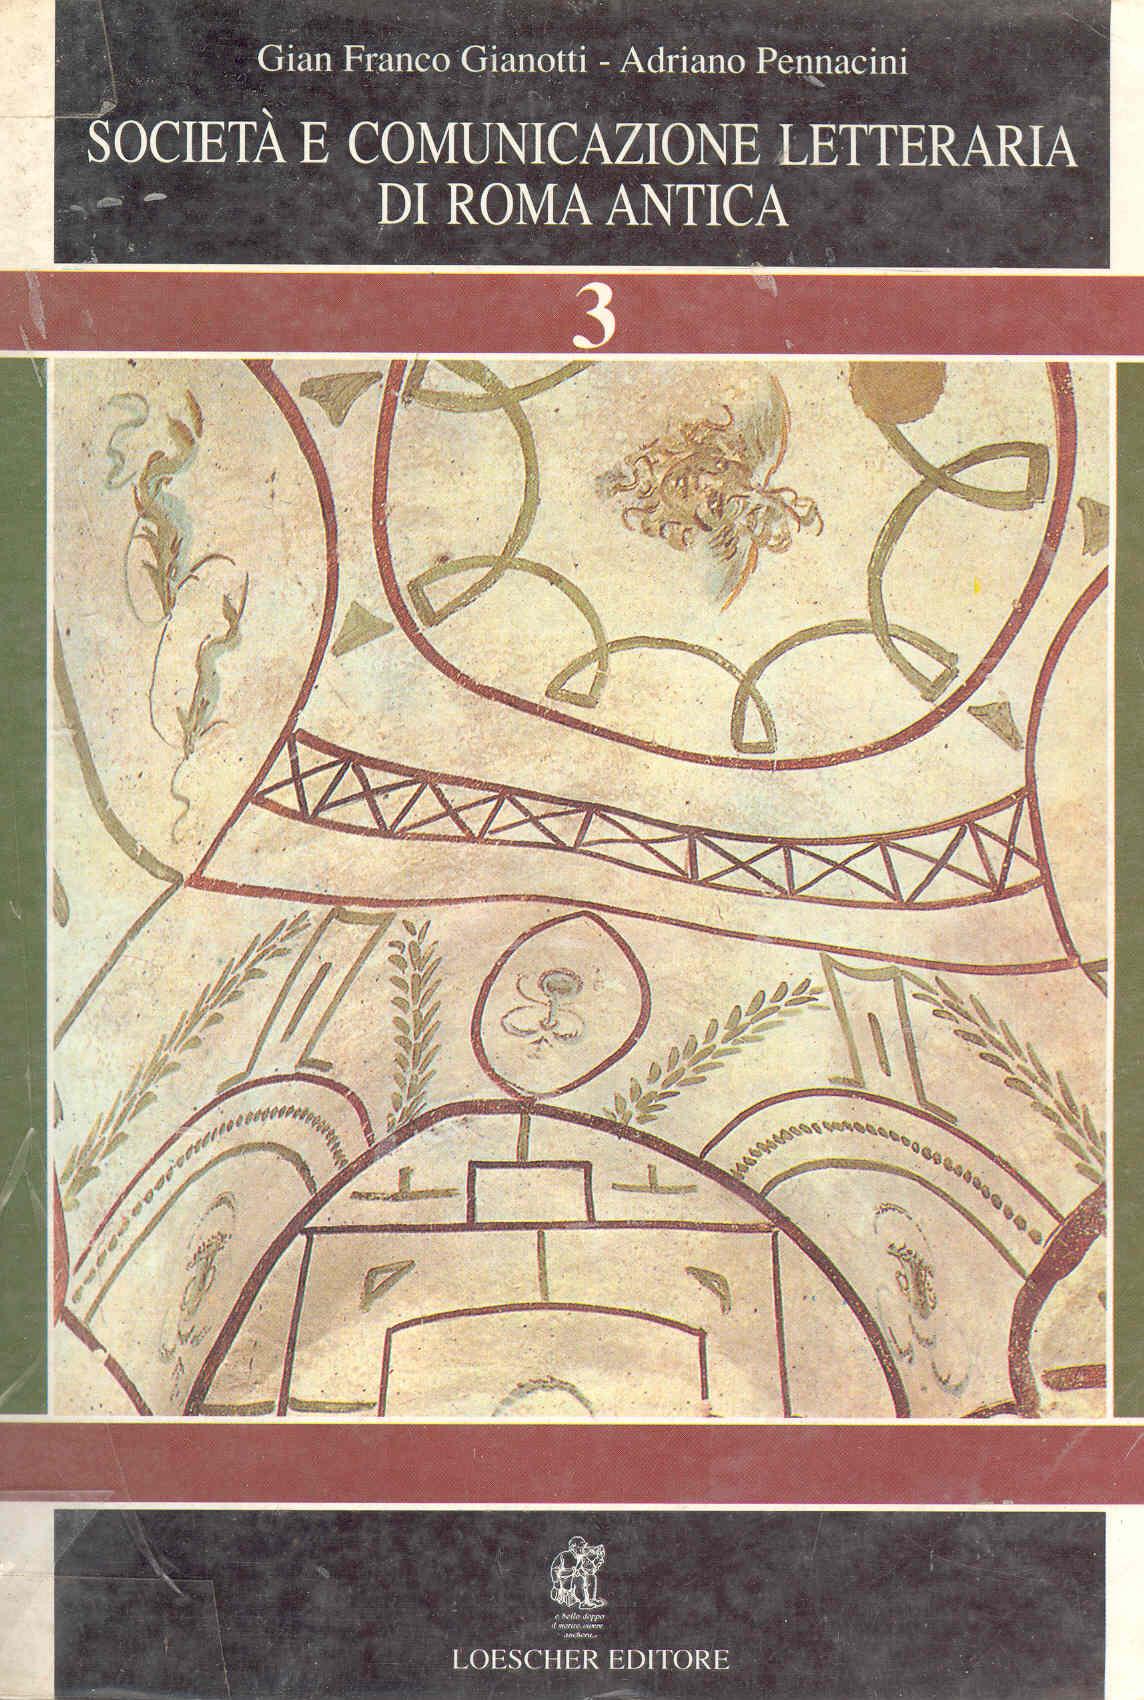 Società e comunicazione letteraria di Roma antica